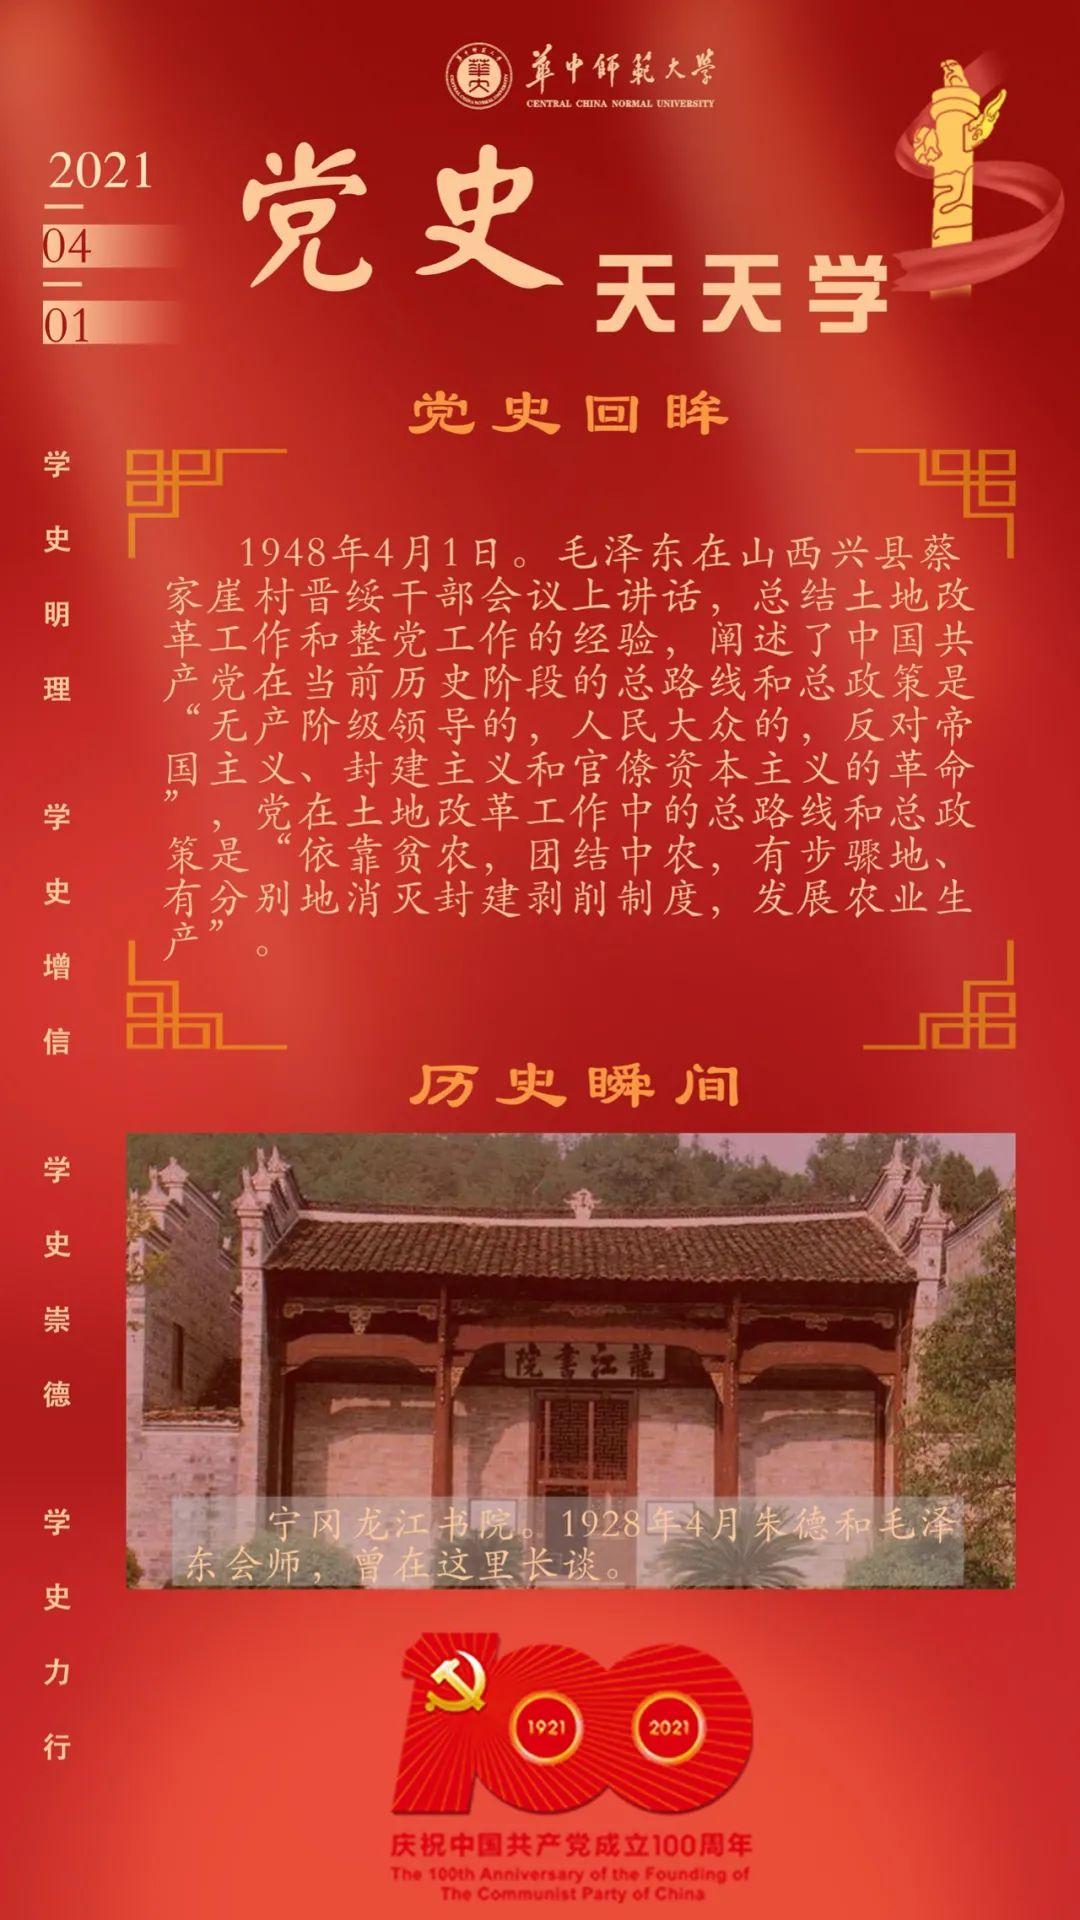 快收藏!华中师范大学2021年部分节假日安排图片